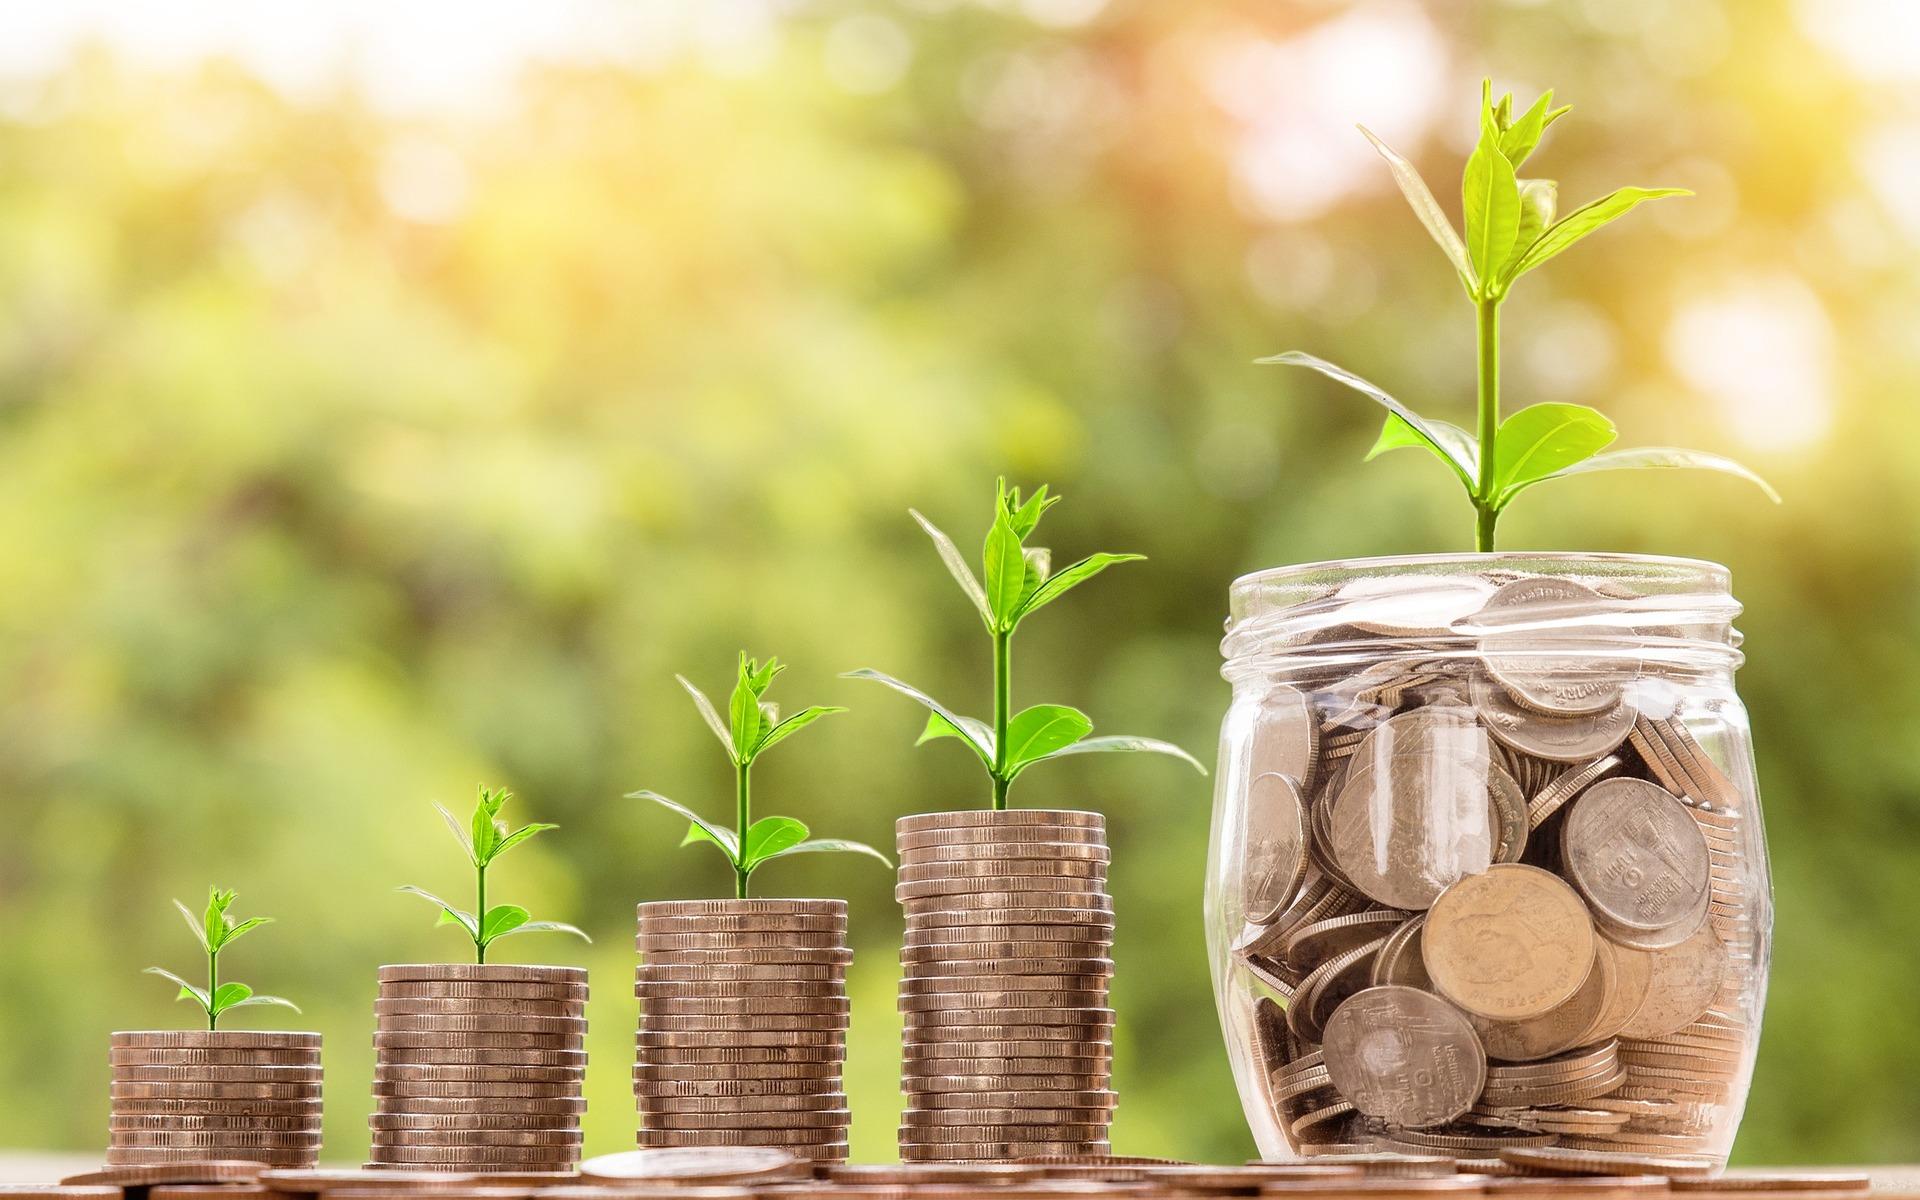 Ako v súčasnosti výborne zhodnotíte voľné financie? Vyskúšajte toto skvelé riešenie.